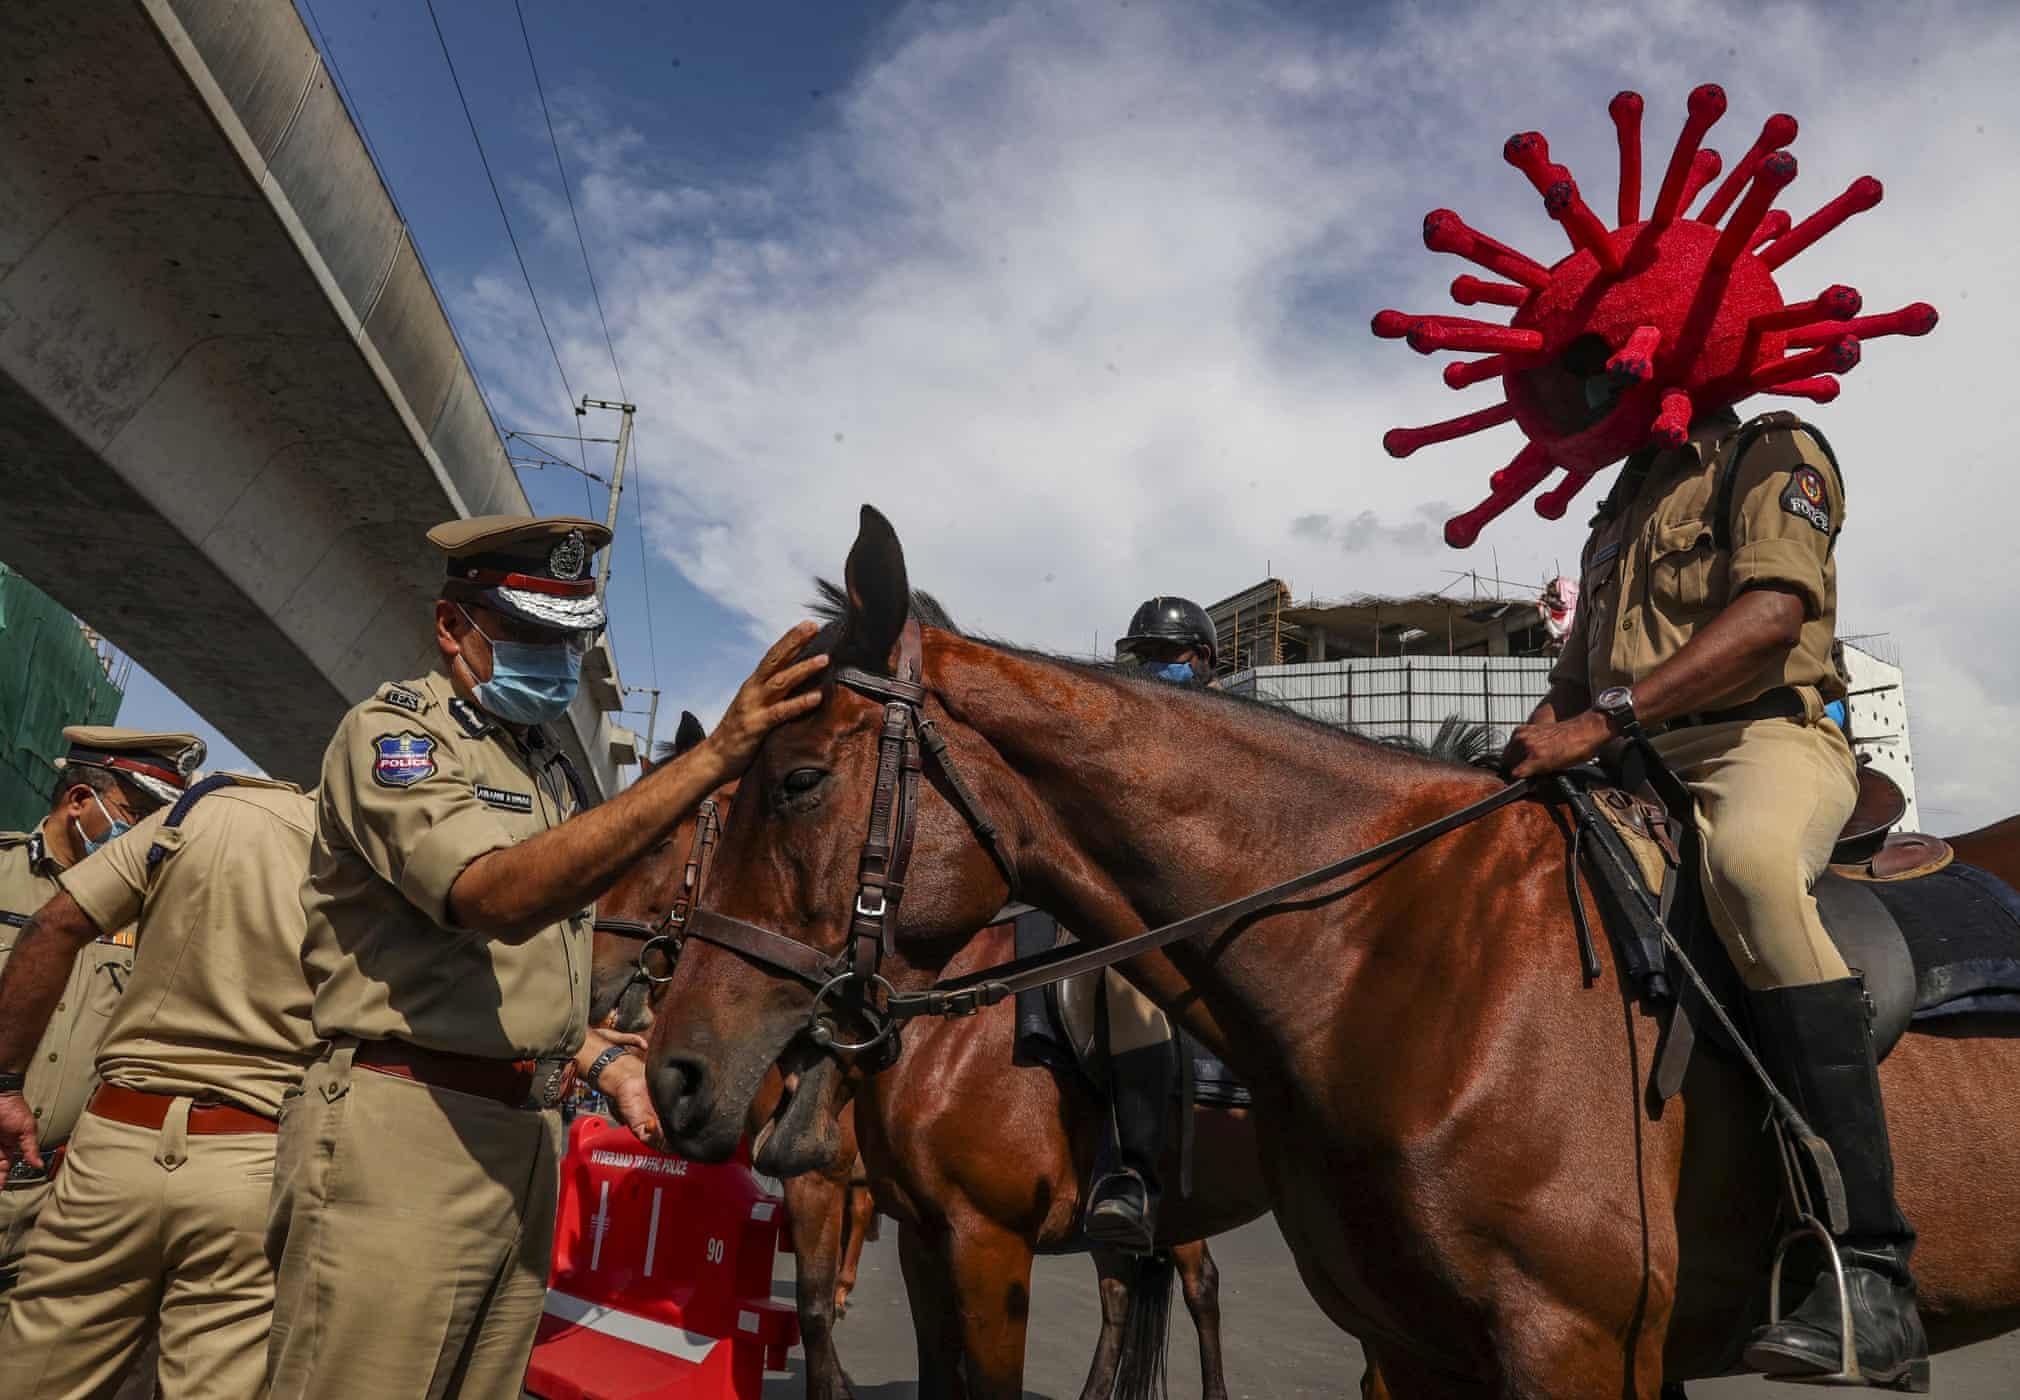 اقدام پلیس هند برای هشدار کرونایی به مردم + عکس